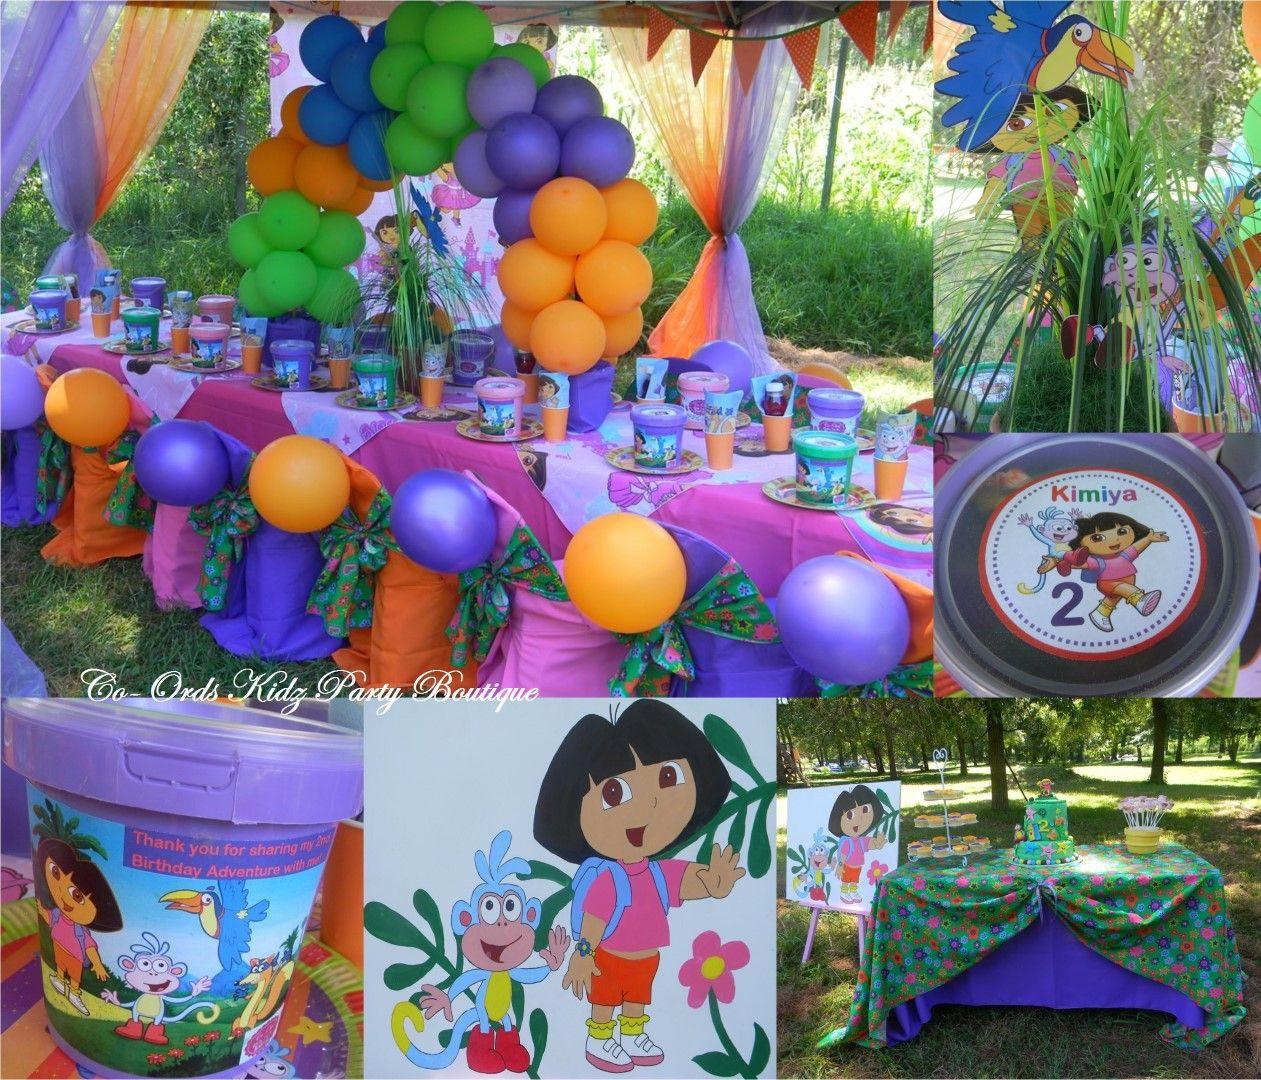 Dora the Explorer by Co-Ords Kidz Party Boutique